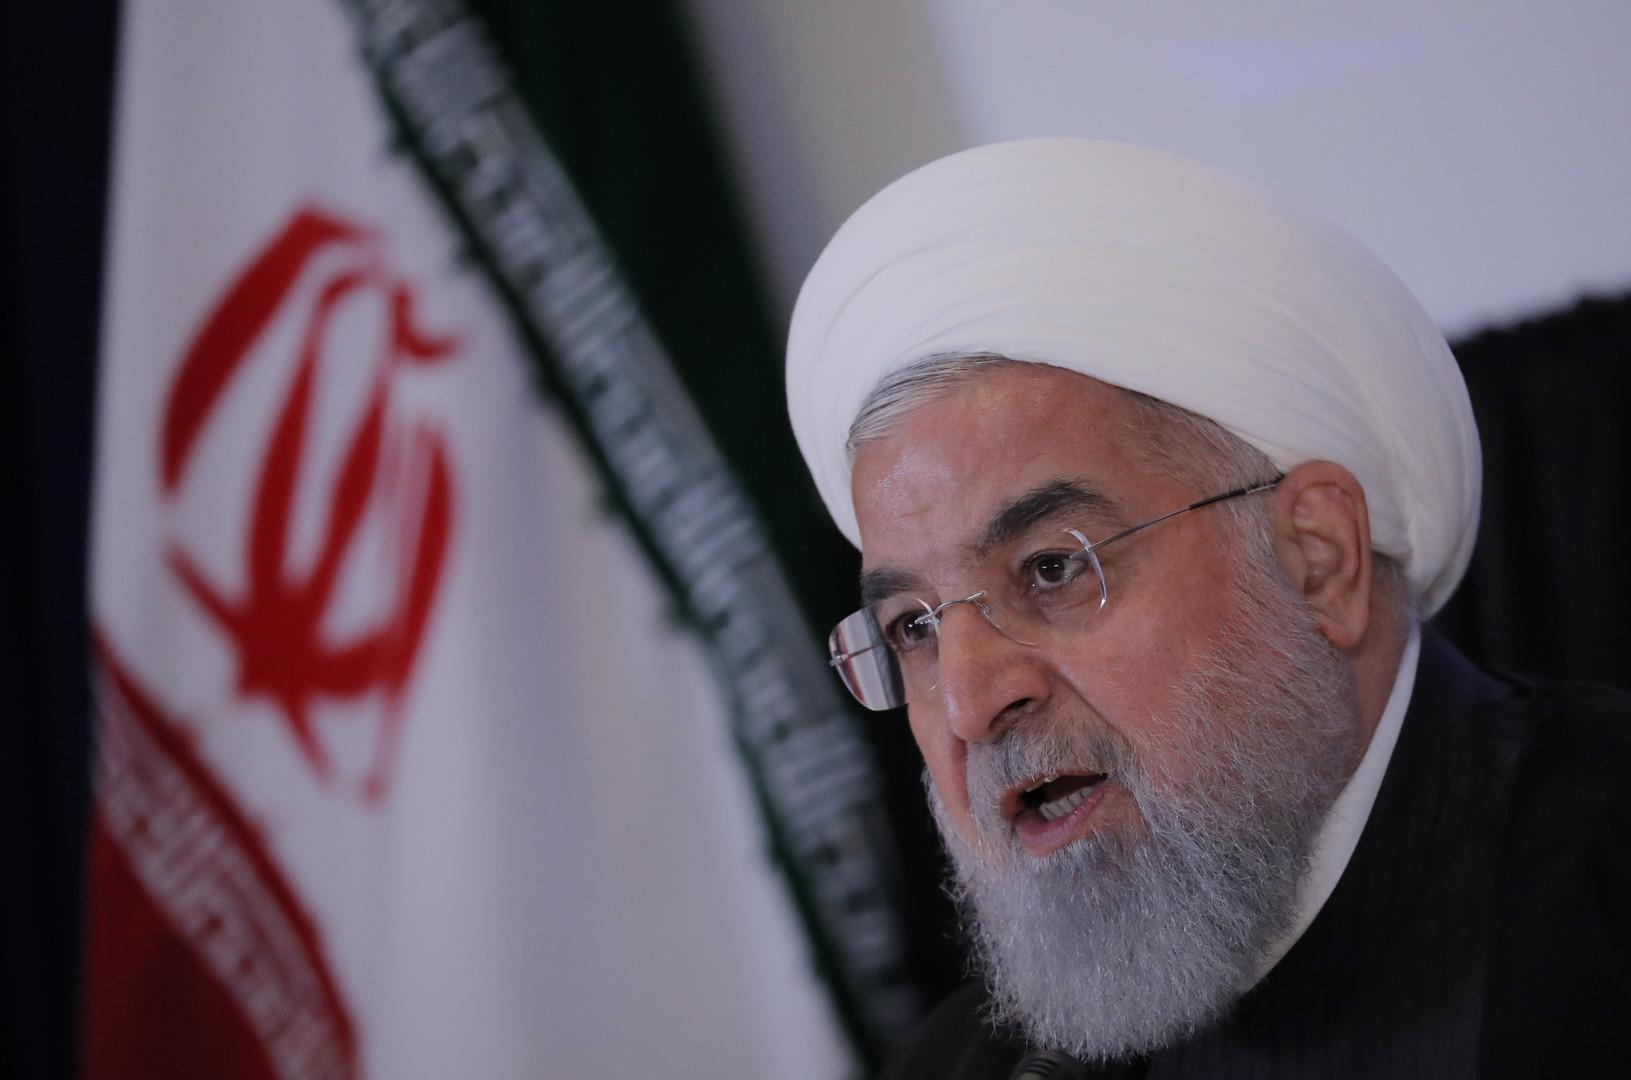 روحاني: لست موافقا على التفاوض مع أمريكا حاليا والظروف الحالية للمقاومة والصمود